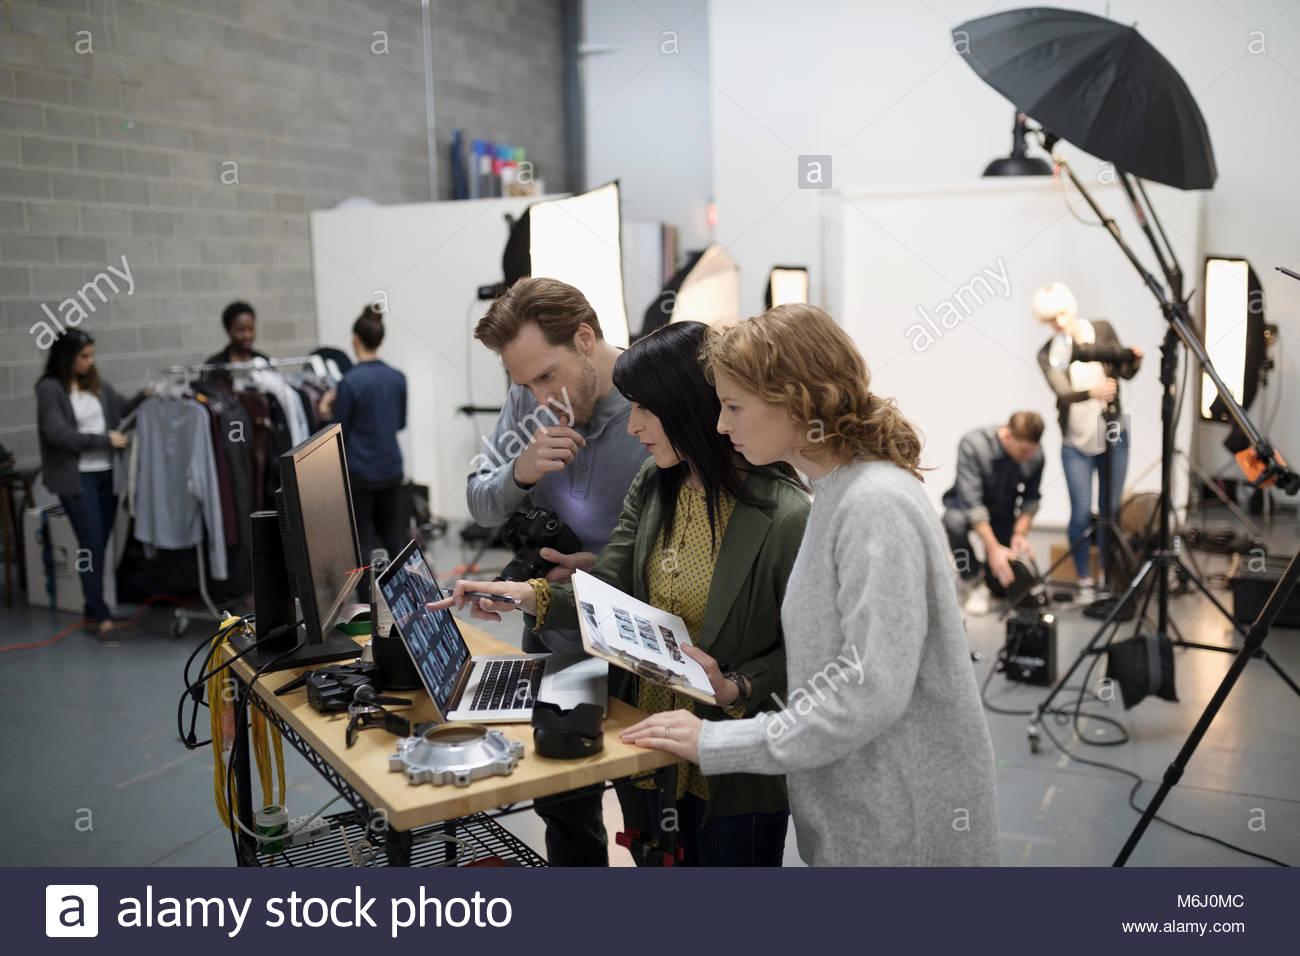 L'équipe de production et de préparer photographe séance photo en studio Photo Stock